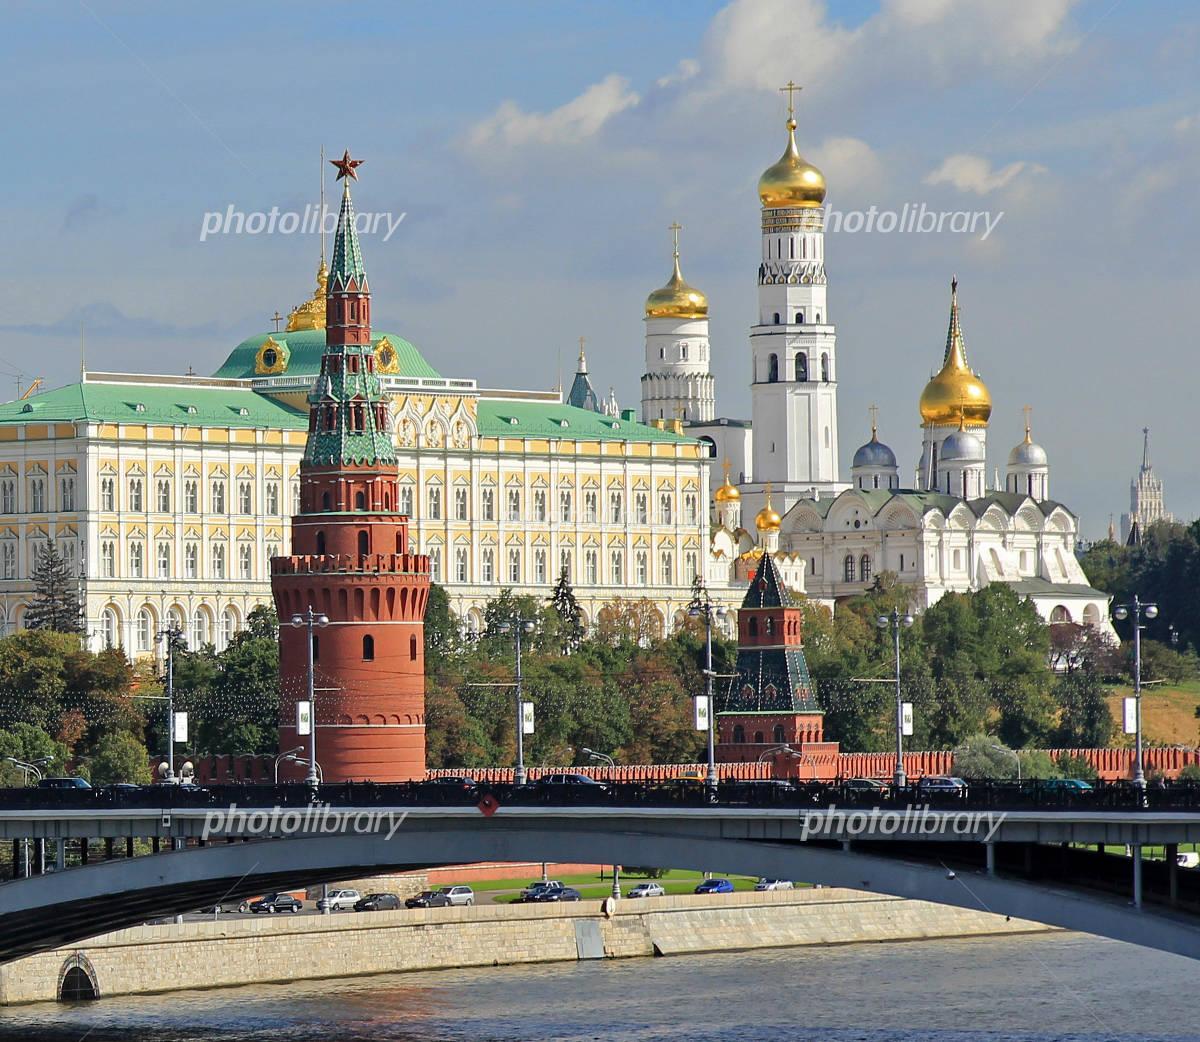 モスクワ川と大クレムリン宮殿 写真素材 [ 940269 ] - フォトライブ ...